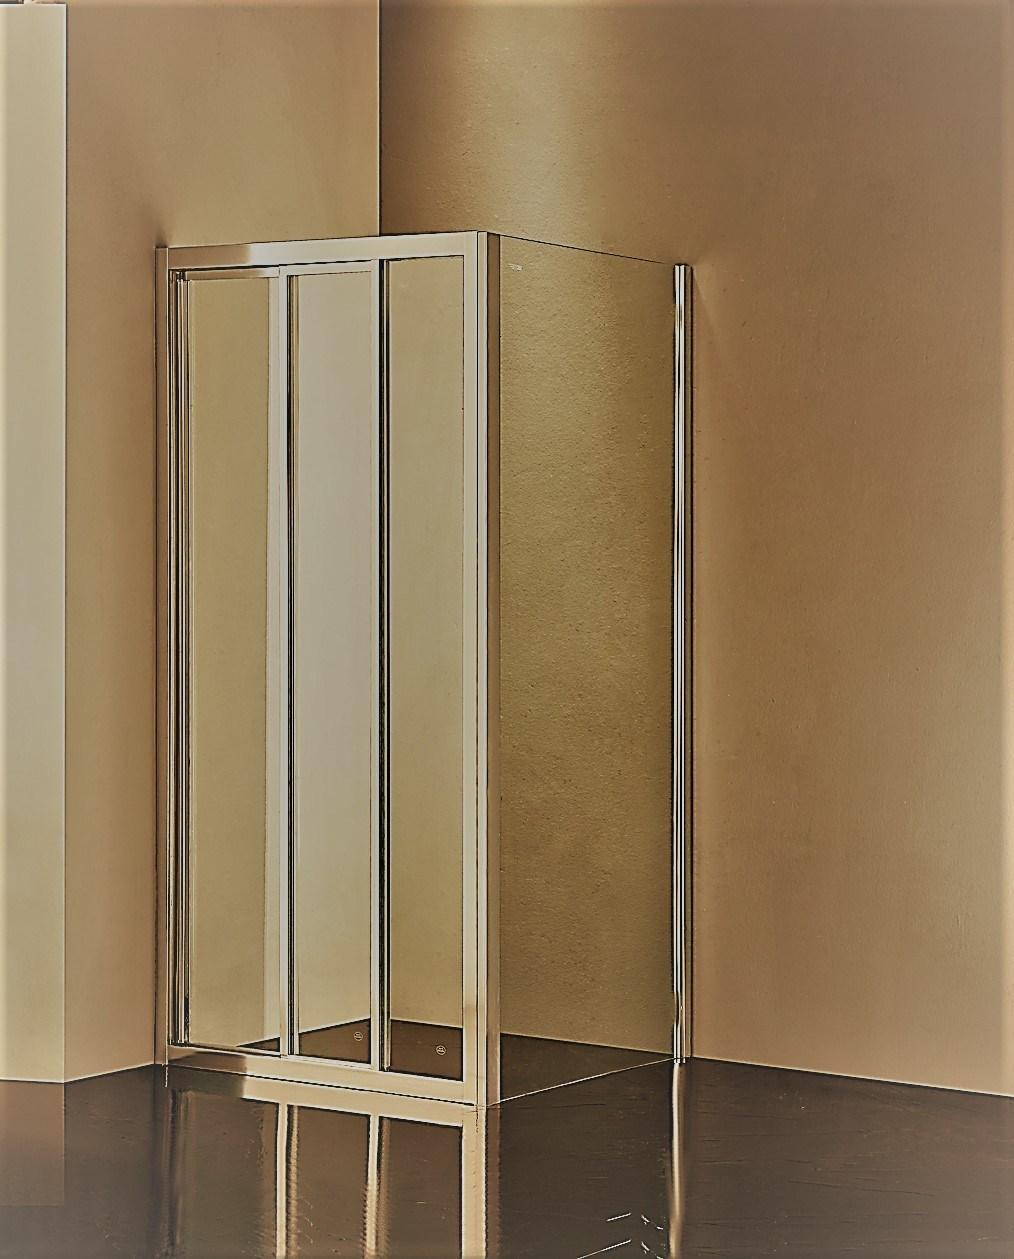 Hr-P037 Profile Handle Sliding Shower Door